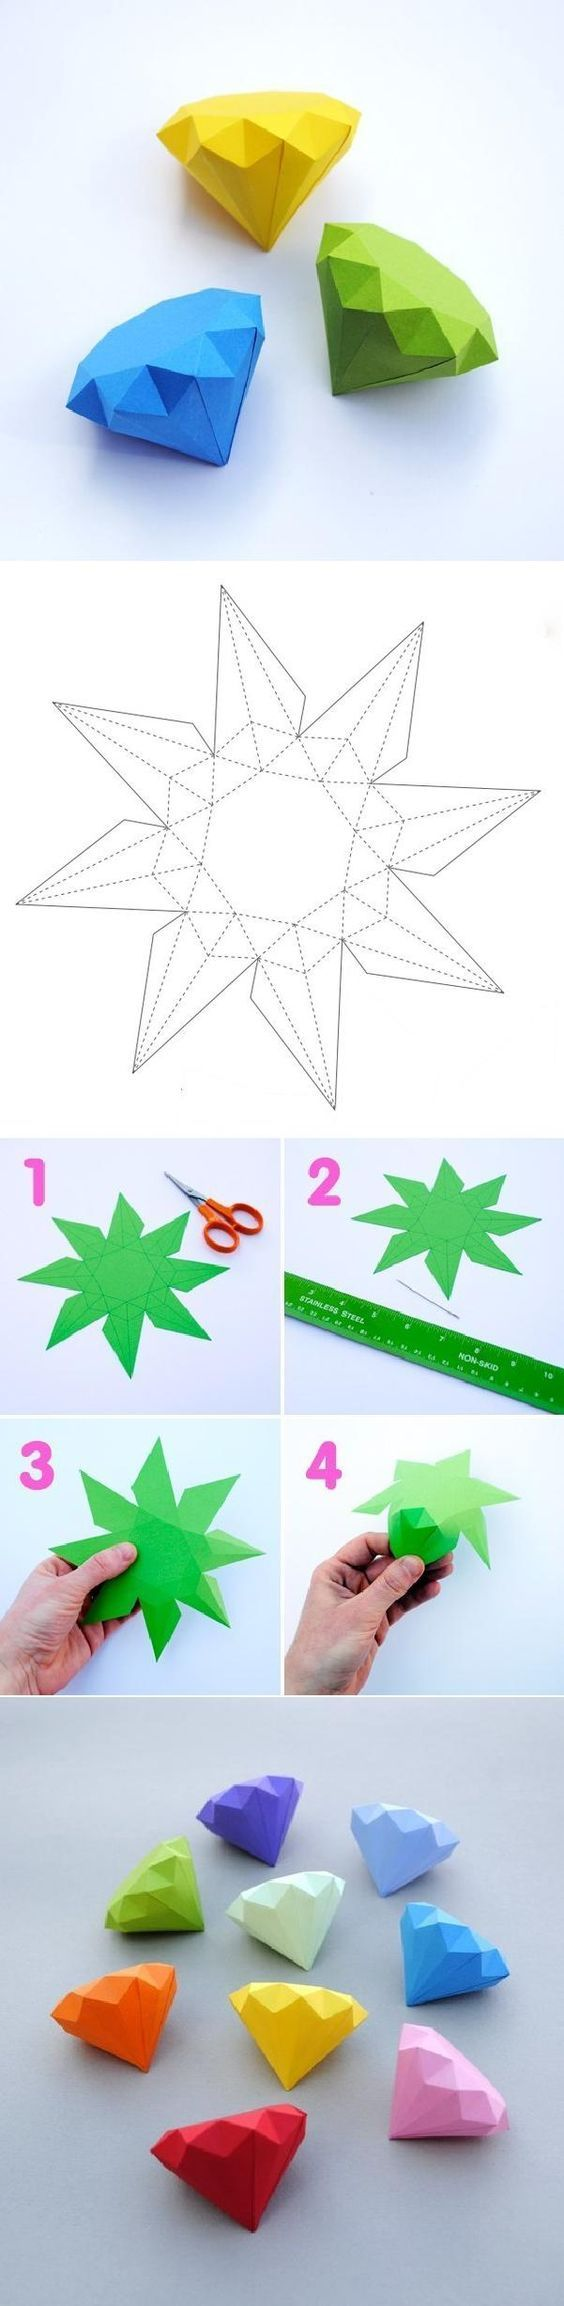 Поделки из геометрических фигур объемные своими руками фото 261